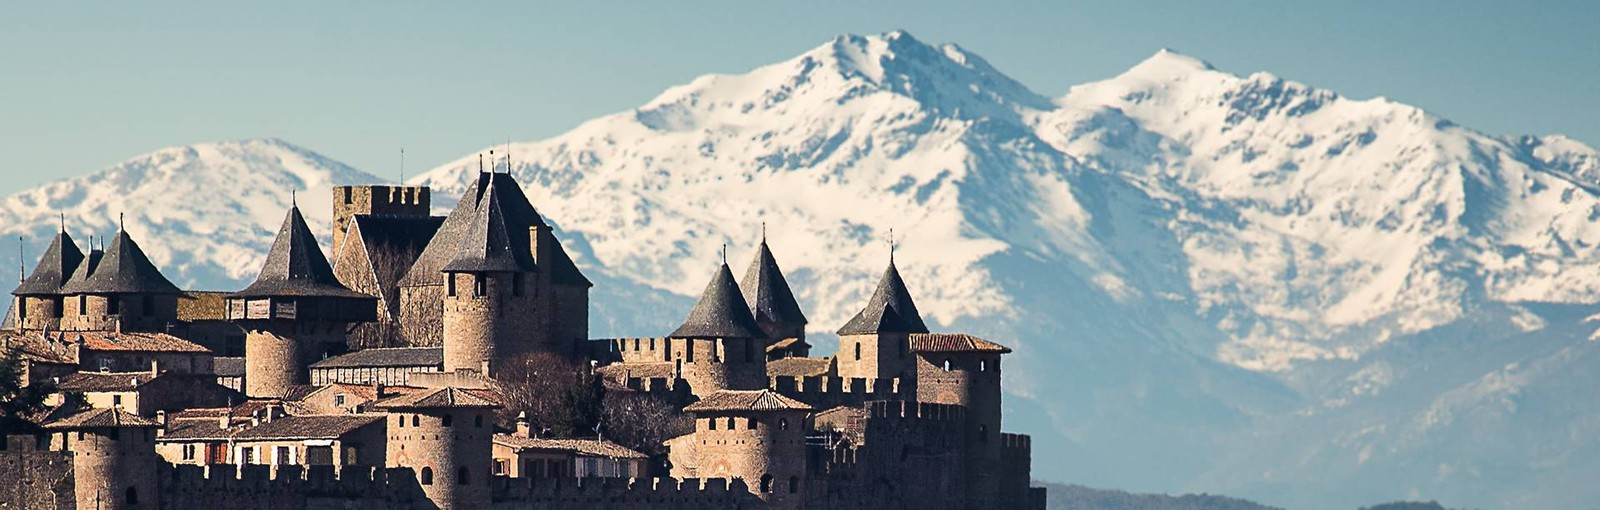 Tours Une semaine dans l'Aude dans un Domaine viticole - Séjours - Nos Séjours et Circuits Privés - En famille ou groupes d'amis